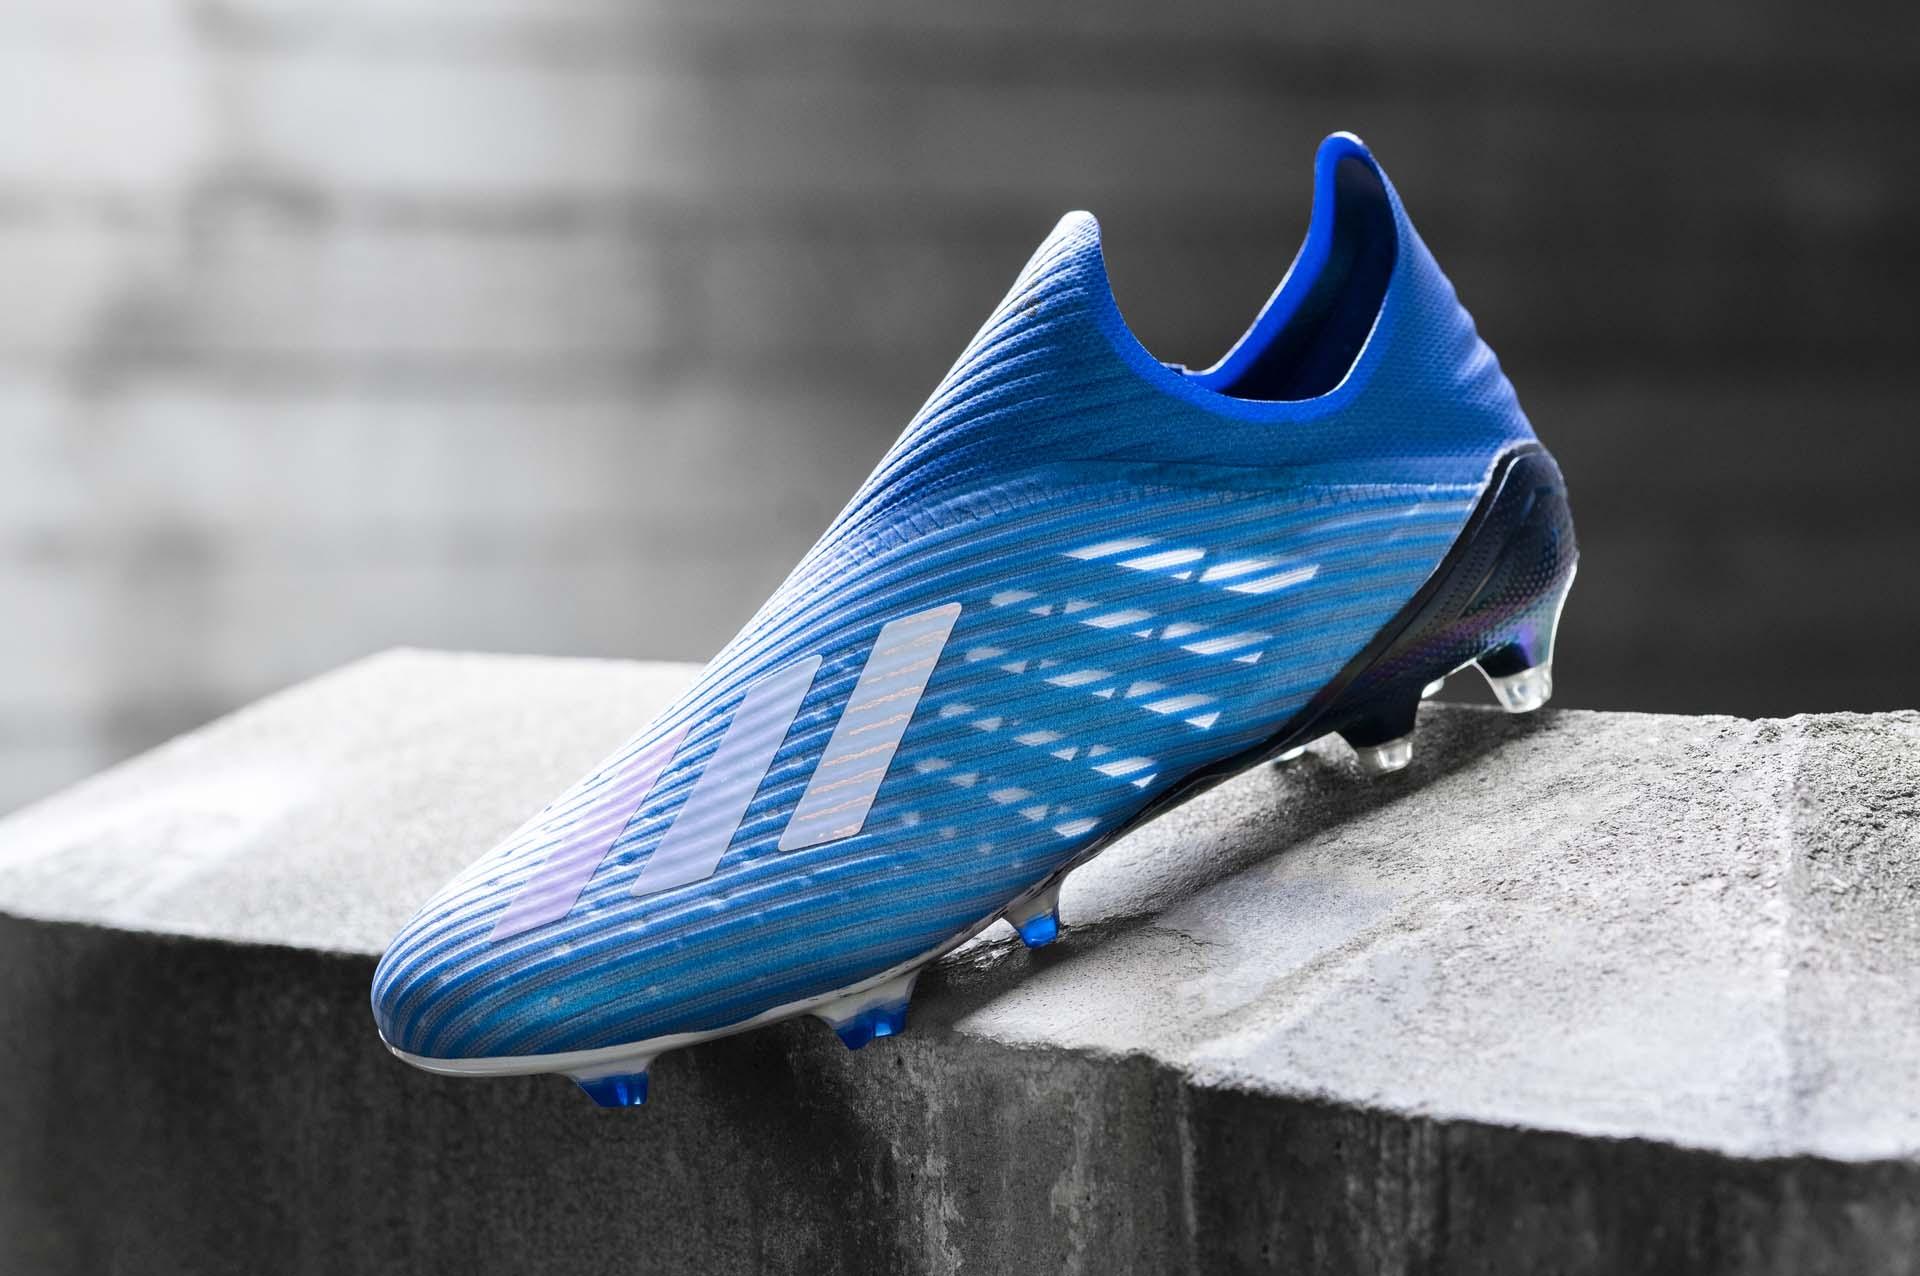 Mohamed Salah, Georginio Wijnaldum lựa chọn cho mình phiên bản giày trợ tốc Adidas X để thi đấu